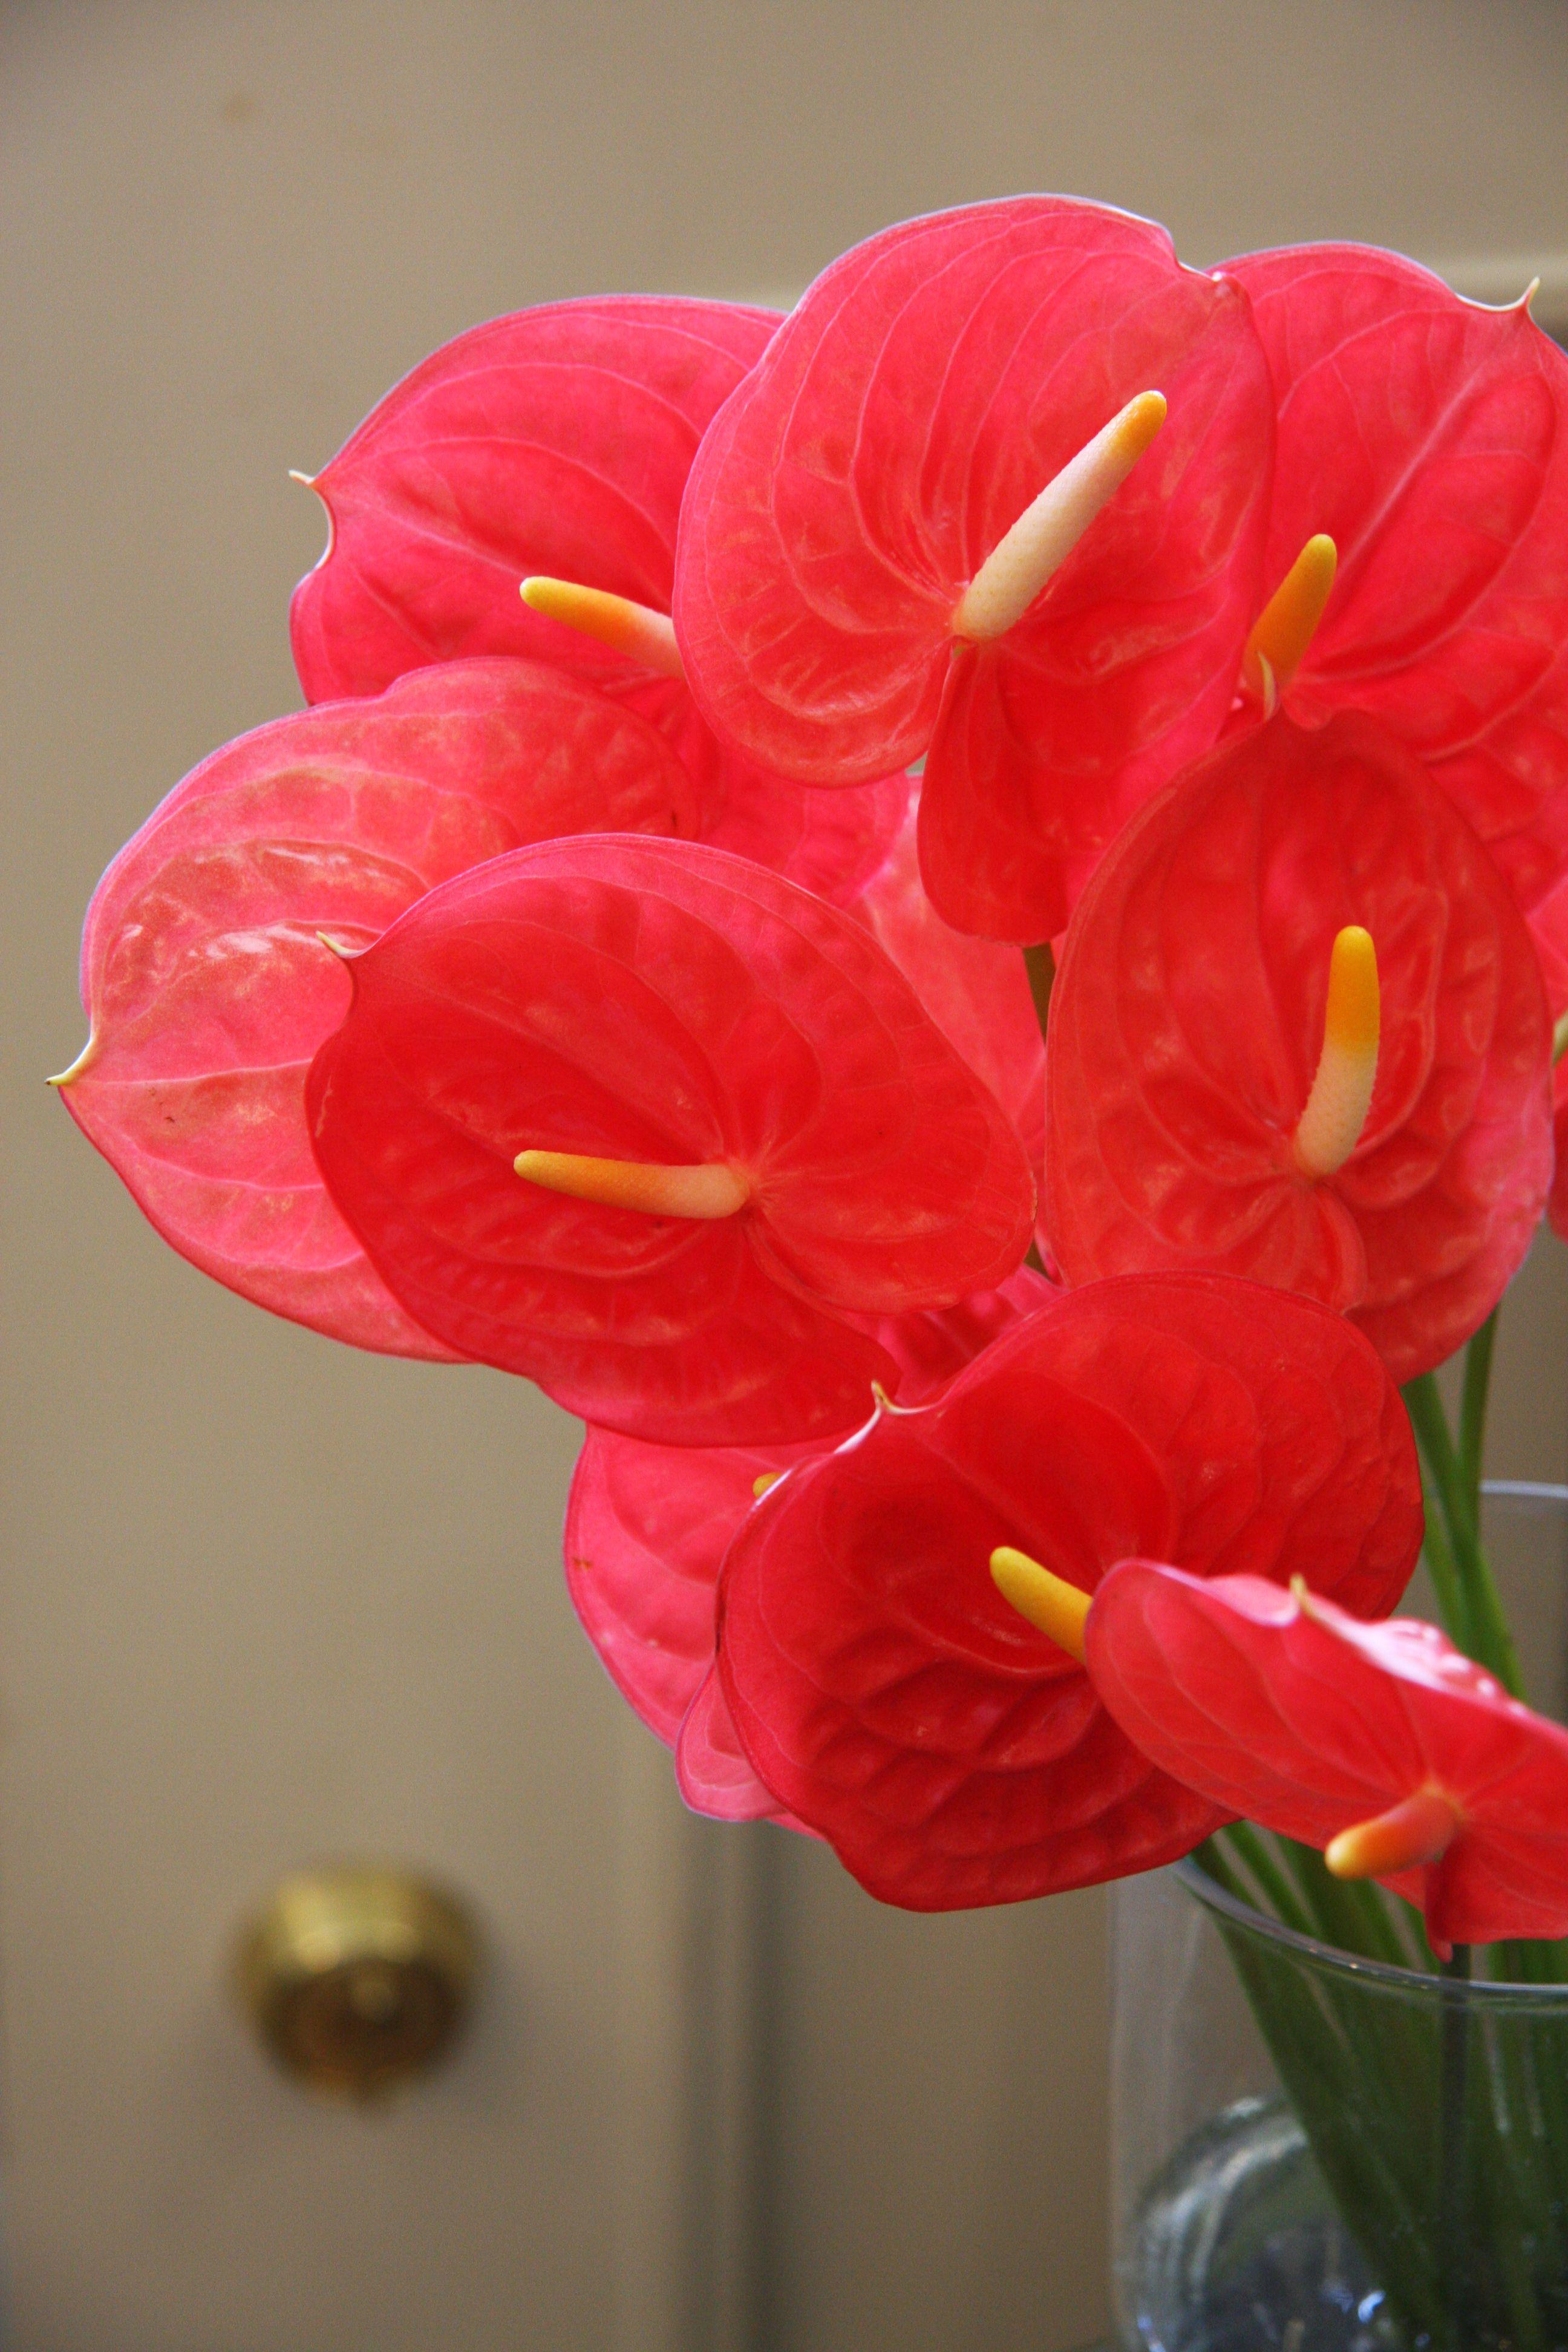 Anthurium Jewel Red Anthurium Flower Anthurium Pretty Flowers